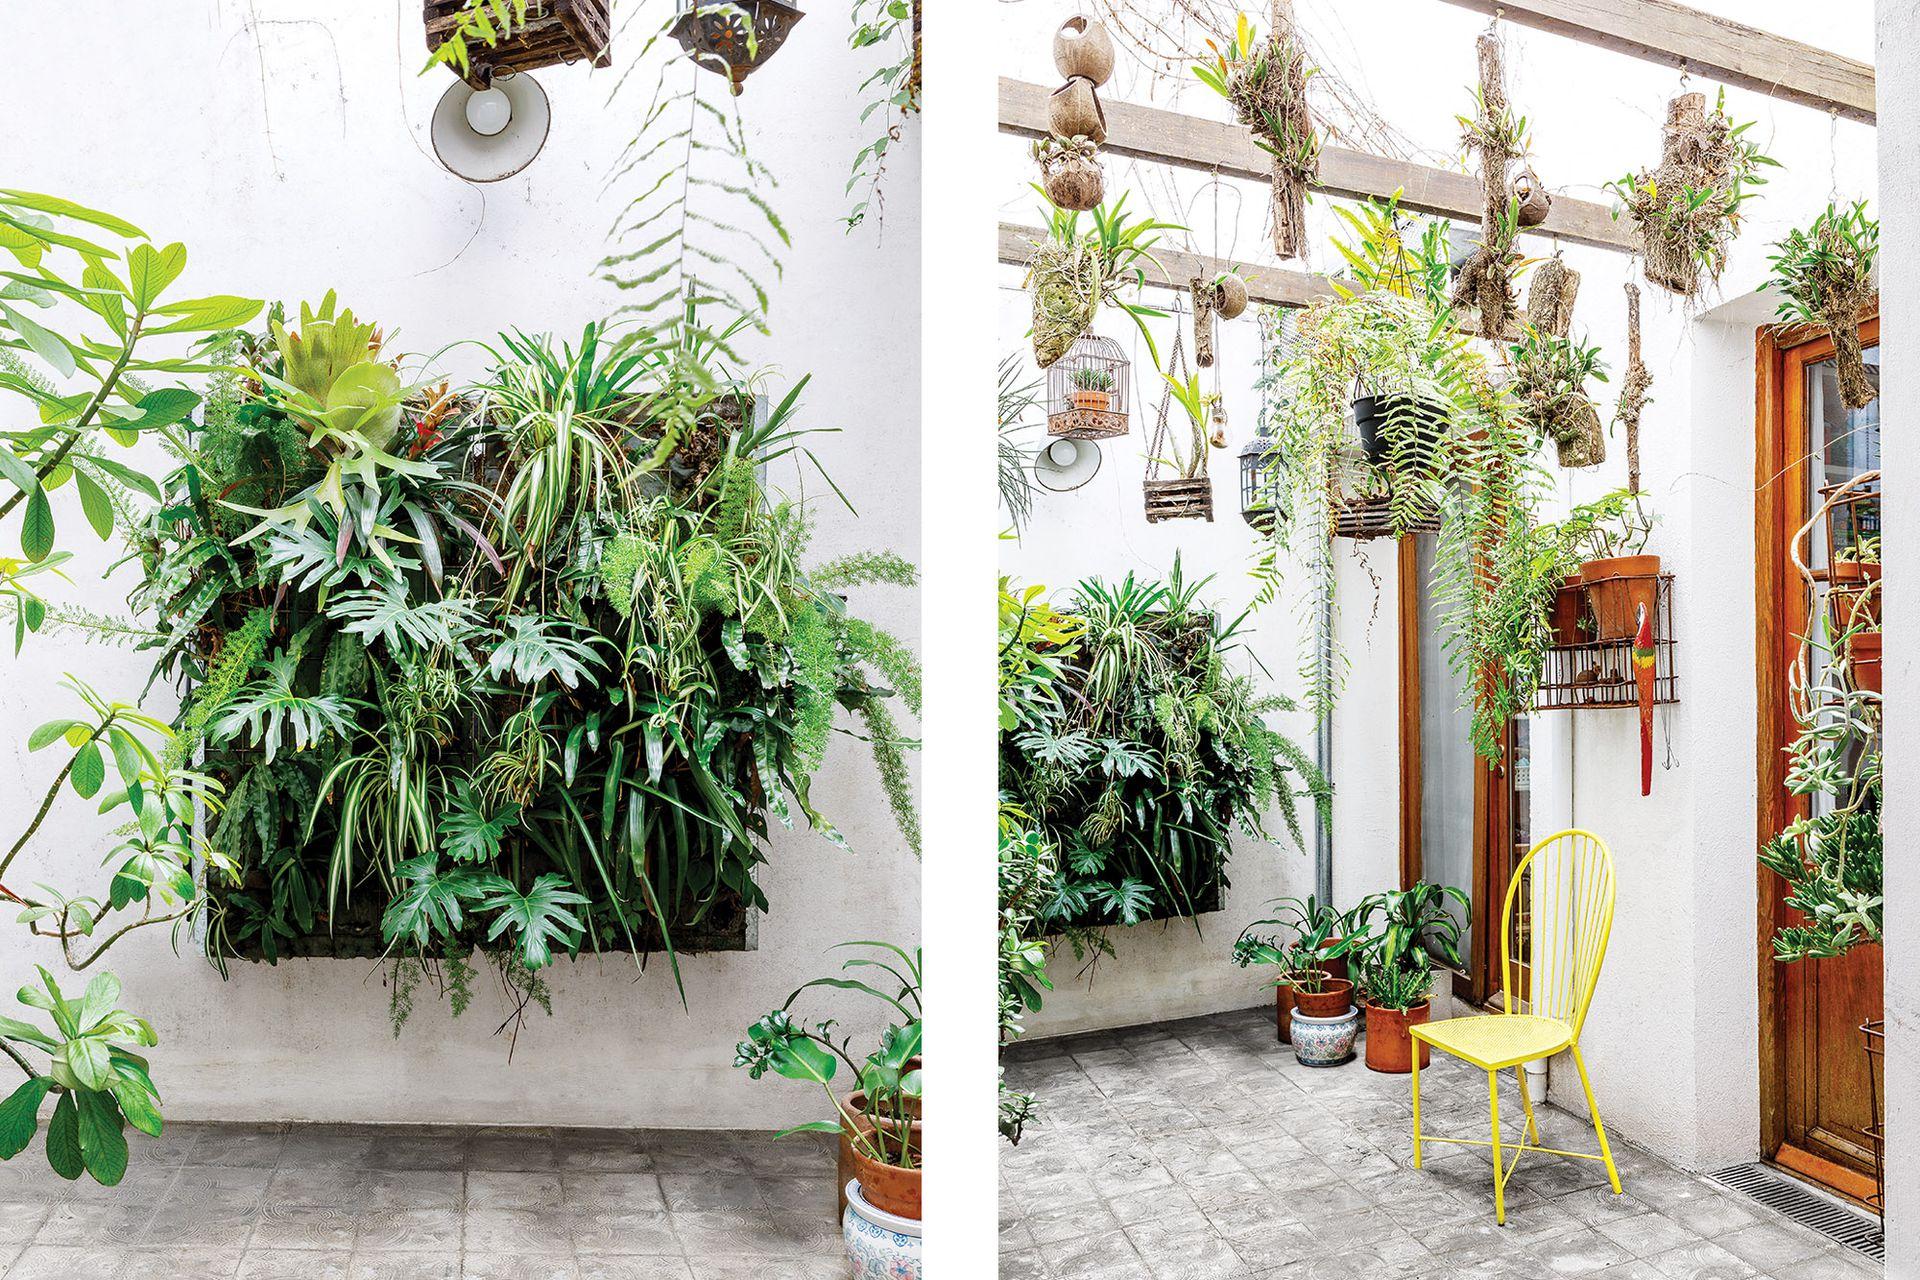 La pareja ganó este jardín vertical en un concurso organizado por G-Wall.